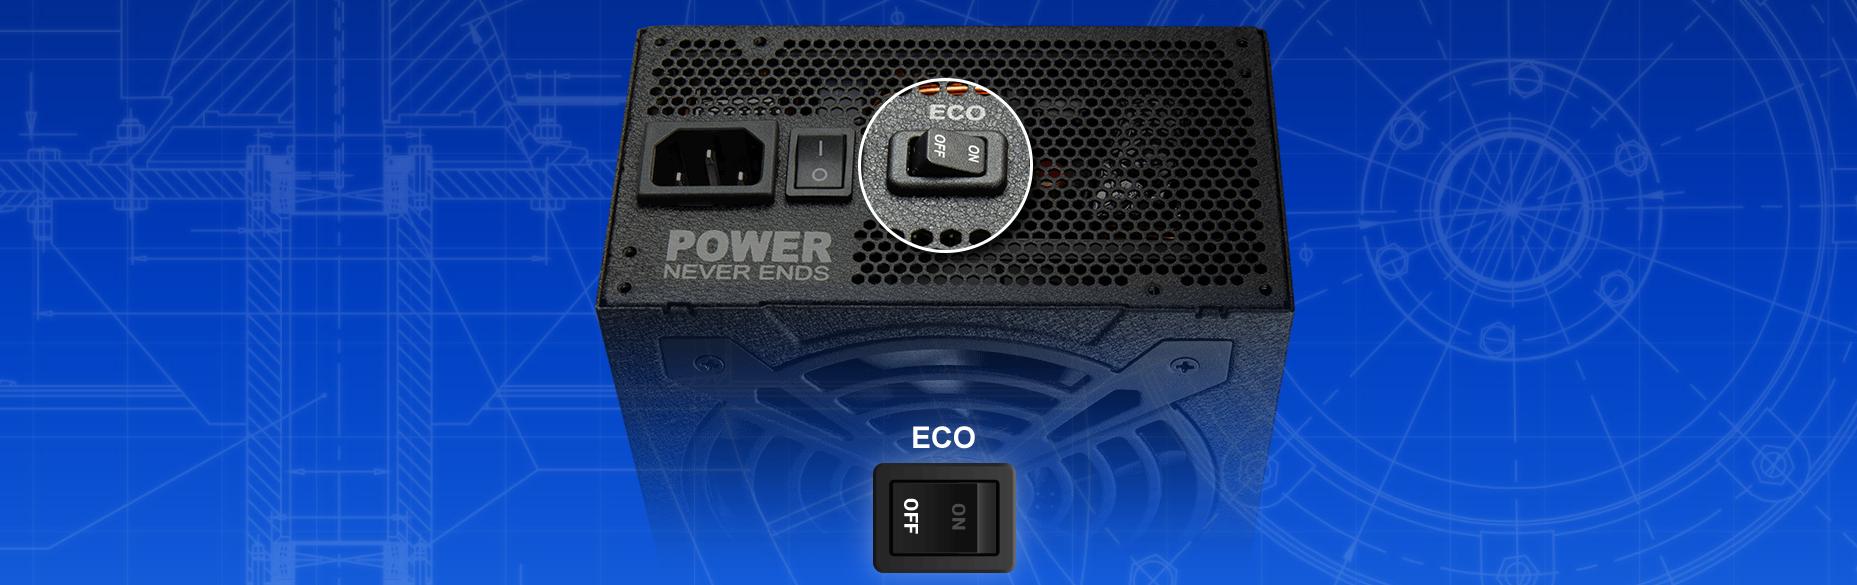 Nguồn FSP Power Supply HYDRO G PRO Series Model HG2-750 Active PFC (80 Plus Gold/Full Modular/Màu Đen) giới thiệu 3